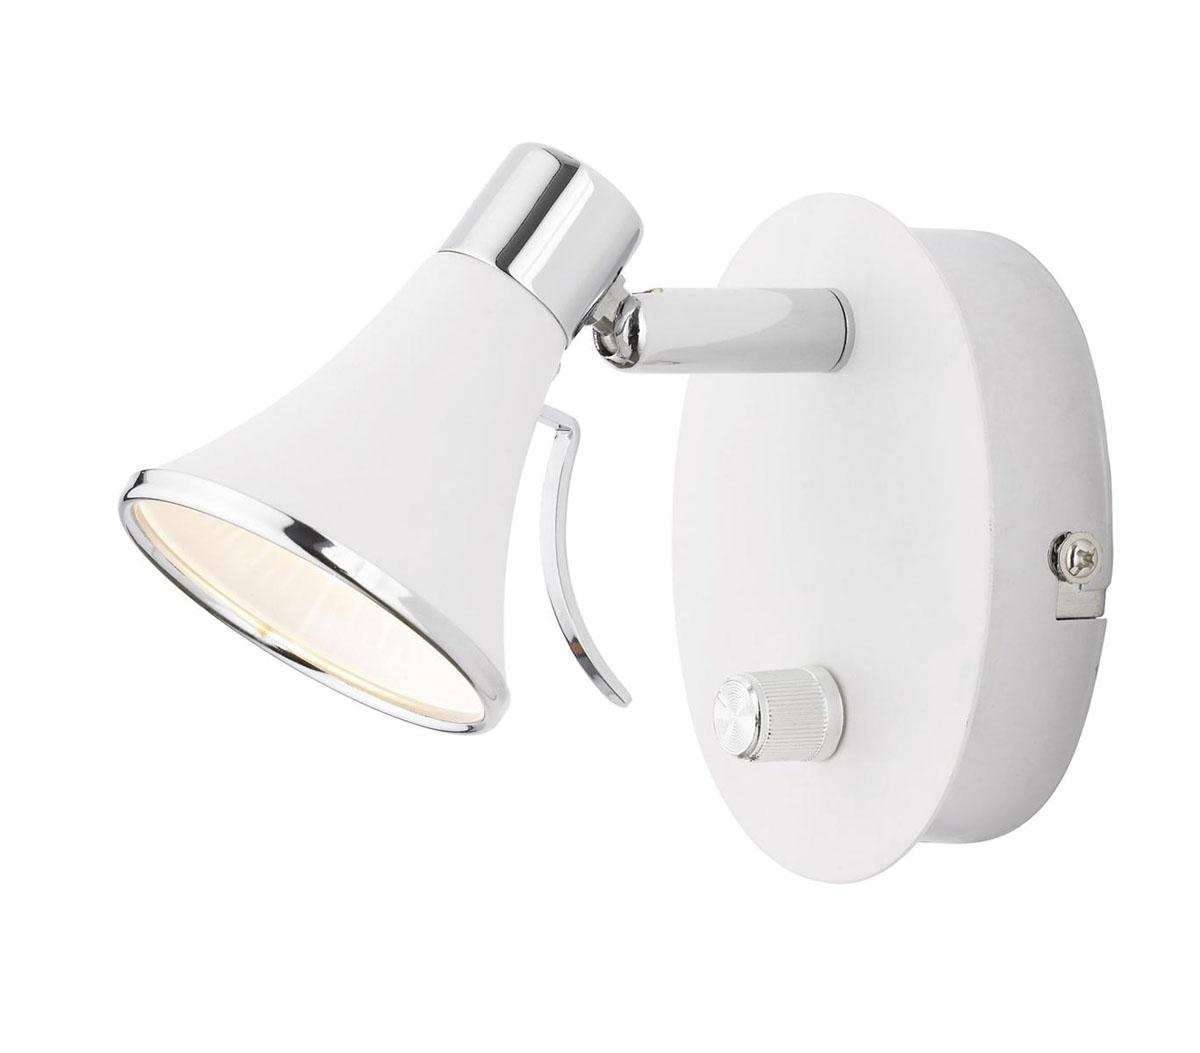 Светильник настенный LampGustaf Boston, цвет: белый. 081802081802Светильник настенный LampGustaf Boston выполненный в современном стиле отлично впишется в интерьер вашего дома. Он хорошо смотрится как в классическом, так и в современном помещении, на штукатурке, дереве или обоях любой расцветки.Для безопасной и надежной коммутации светильника в сеть на корпусе светильника установлена клеммная колодка. Светильник дает яркий ровный сфокусированный световой поток в выбранном направлении.Светильники и люстры - предметы, без которых мы не представляем себе комфортной жизни. Сегодня функции люстры не ограничиваются освещением помещения. Она также является центральной фигурой интерьера, подчеркивает общий стиль помещения, создает уют и дарит эстетическое удовольствие. Характеристики:Материал: металл. Размер светильника: 10 см х 12,5 см х 12 см. Количество лампочек: 1 (входит в комплект). Размер упаковки: 17 см х 13 см х 11 см.